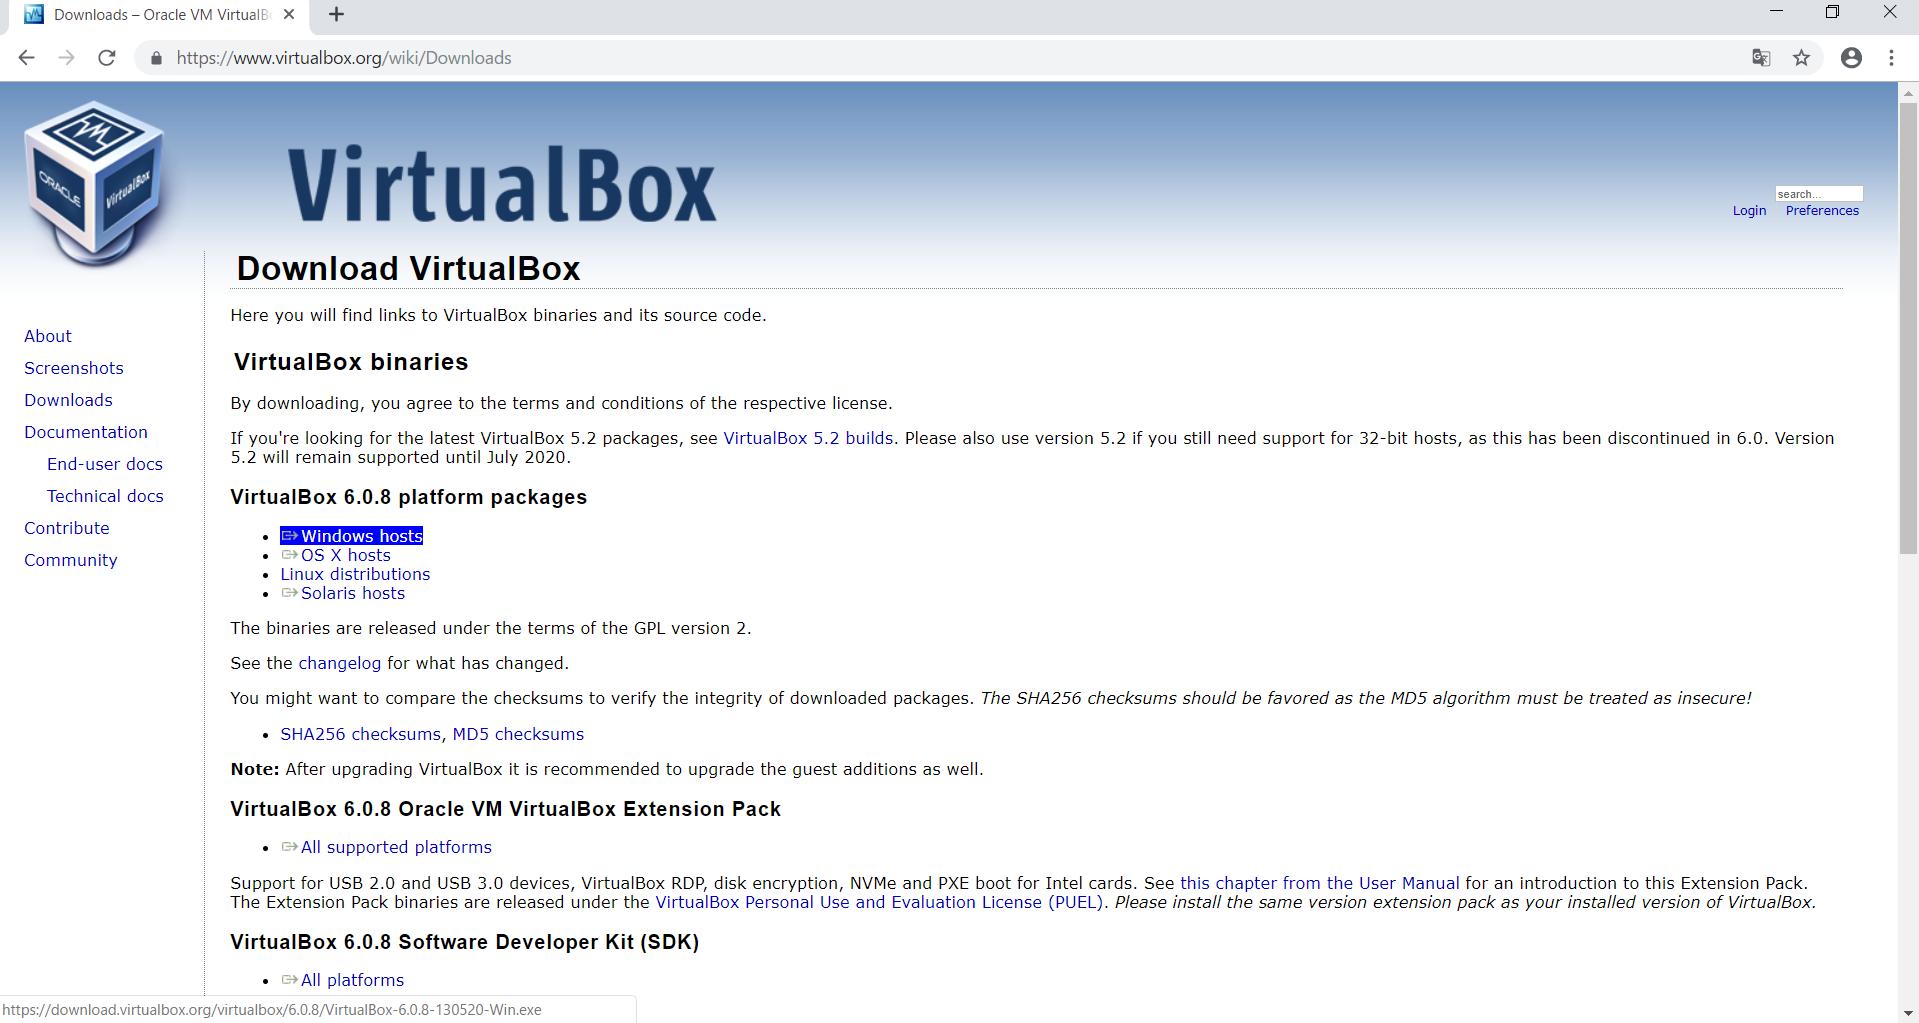 virtualbox_download.png